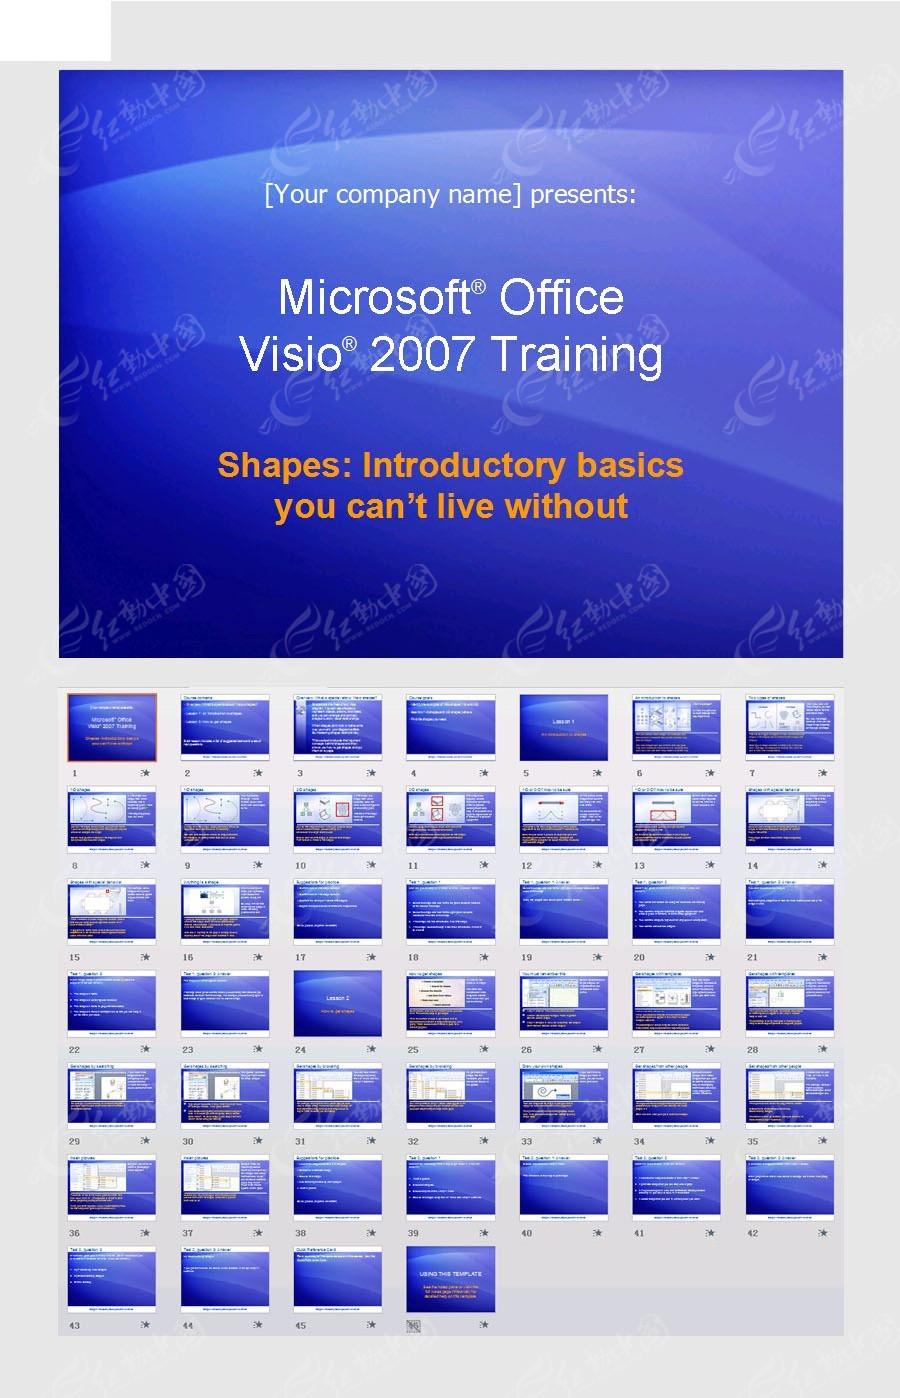 微软办公软件visio训练PPT免费下载 表格图标素材